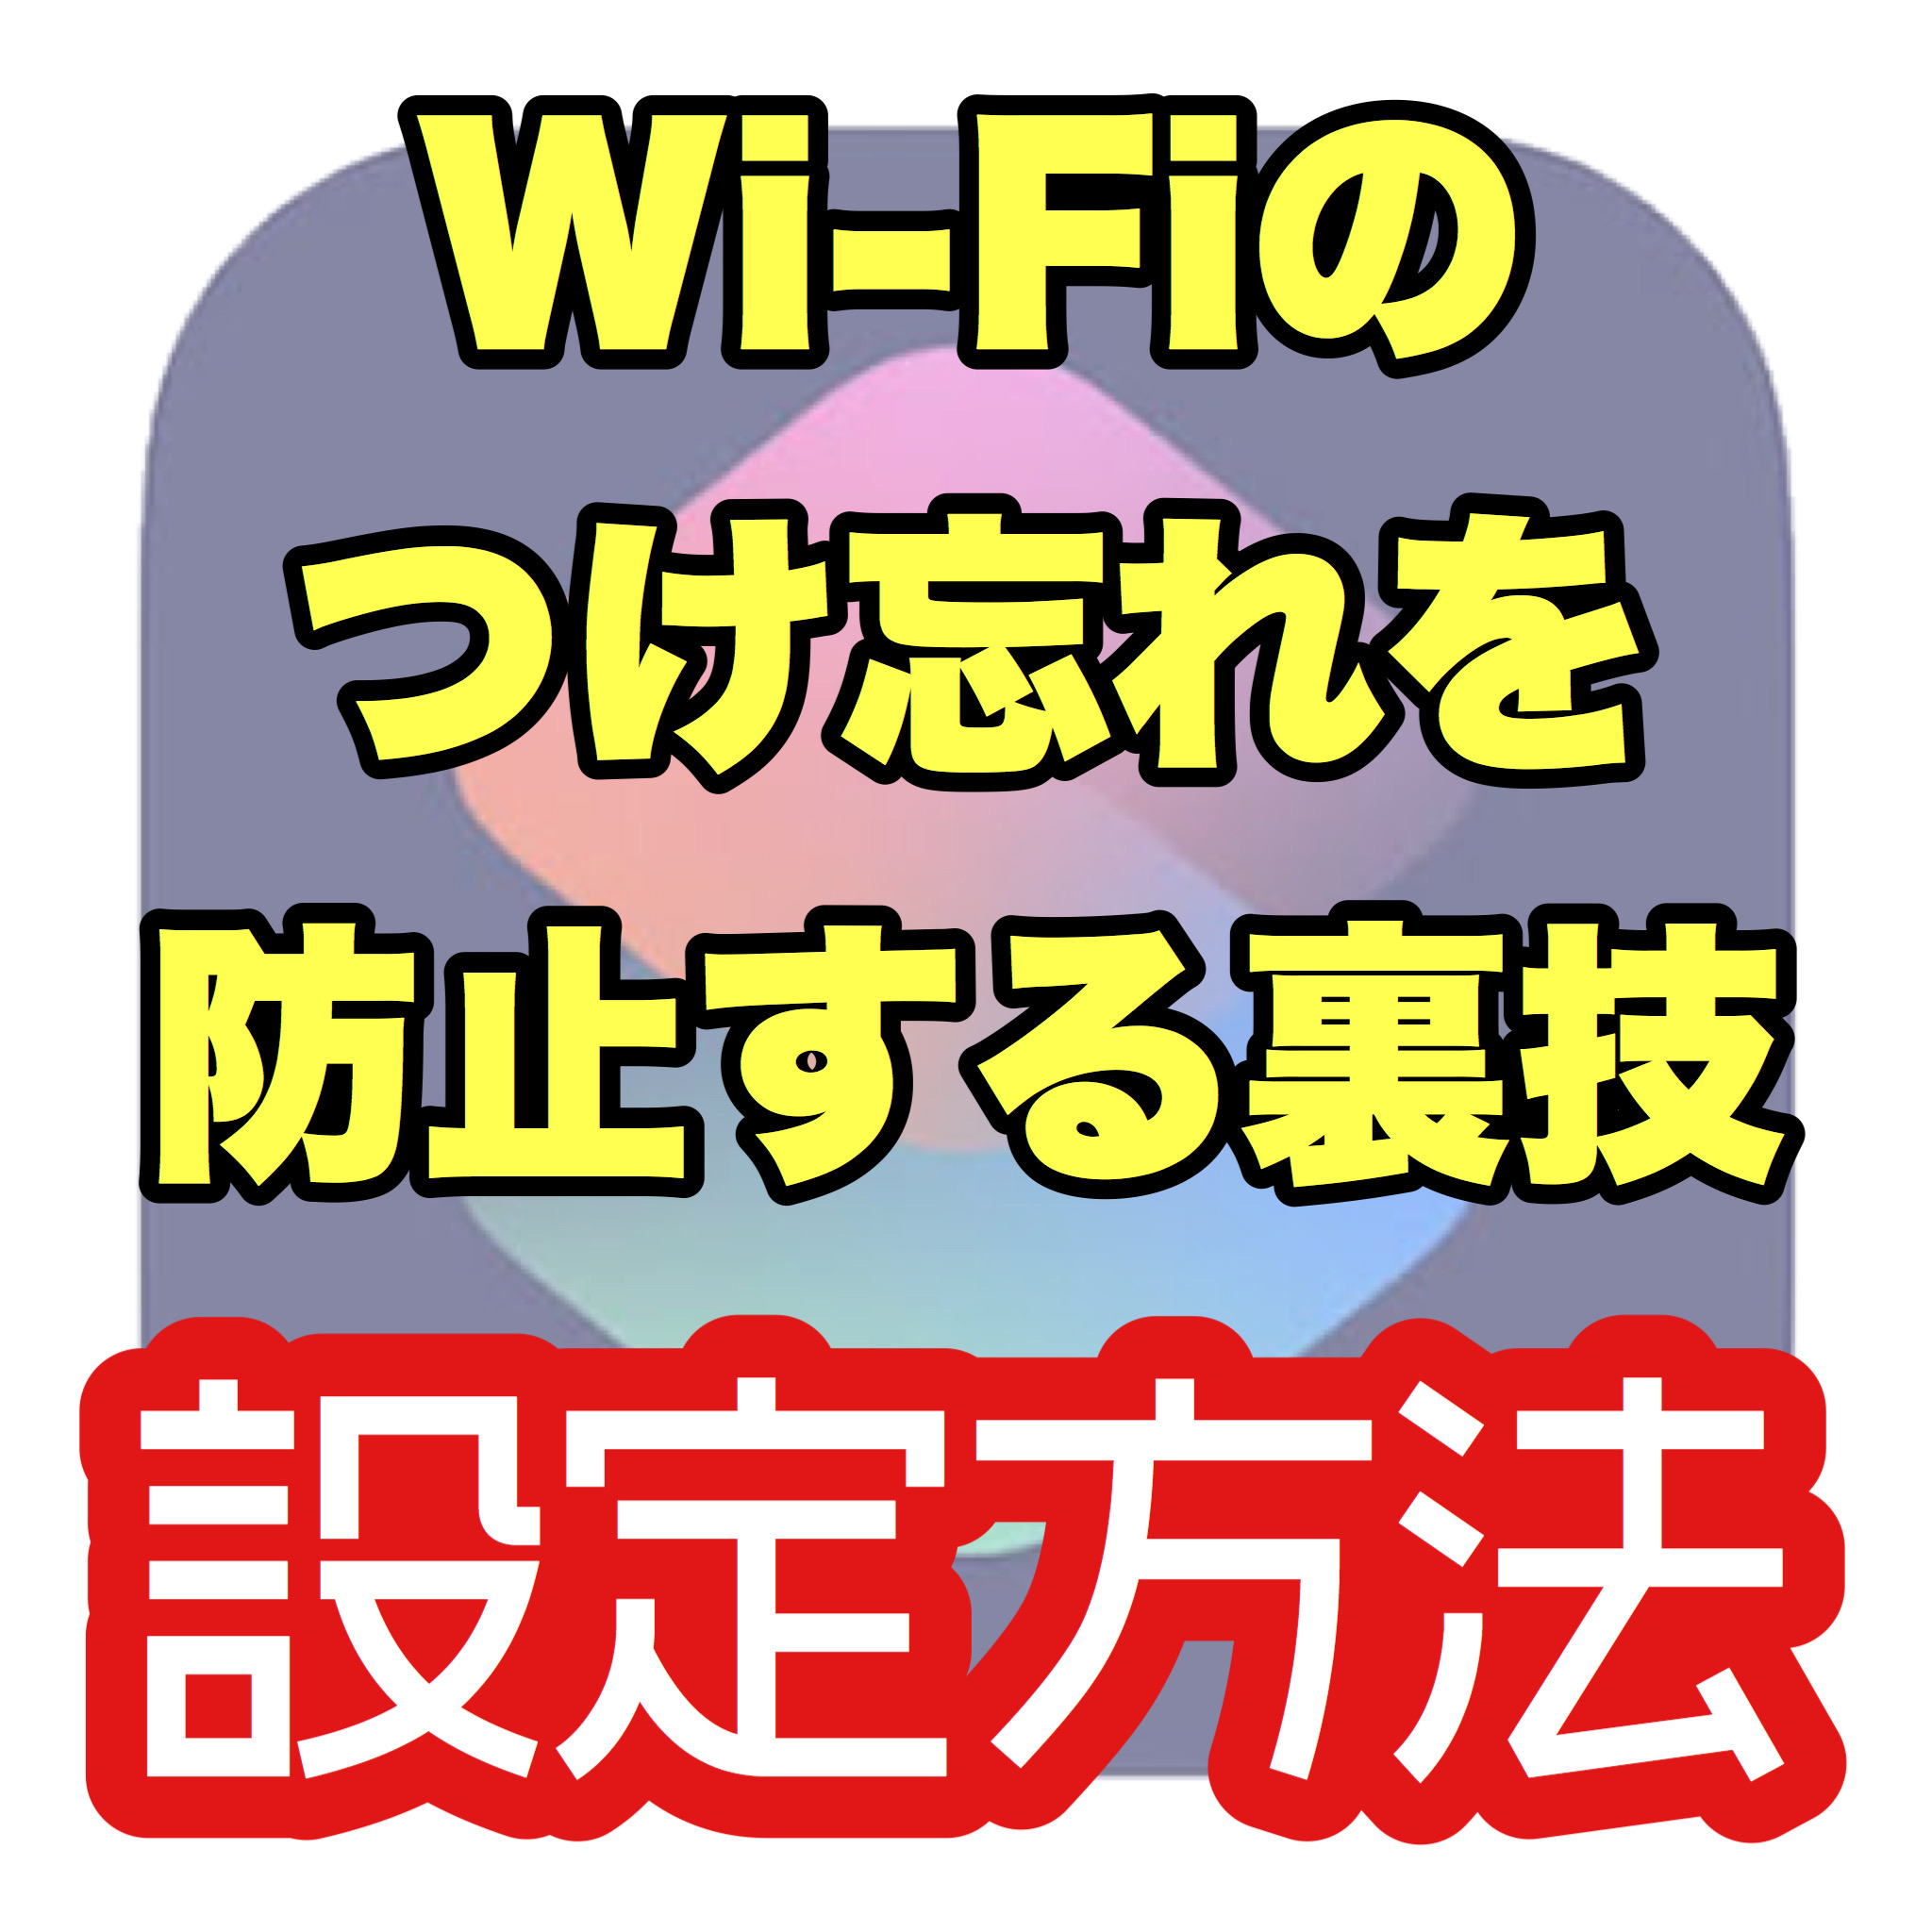 Wi-Fiのつけ忘れを防止する方法【iOS13以降対応】